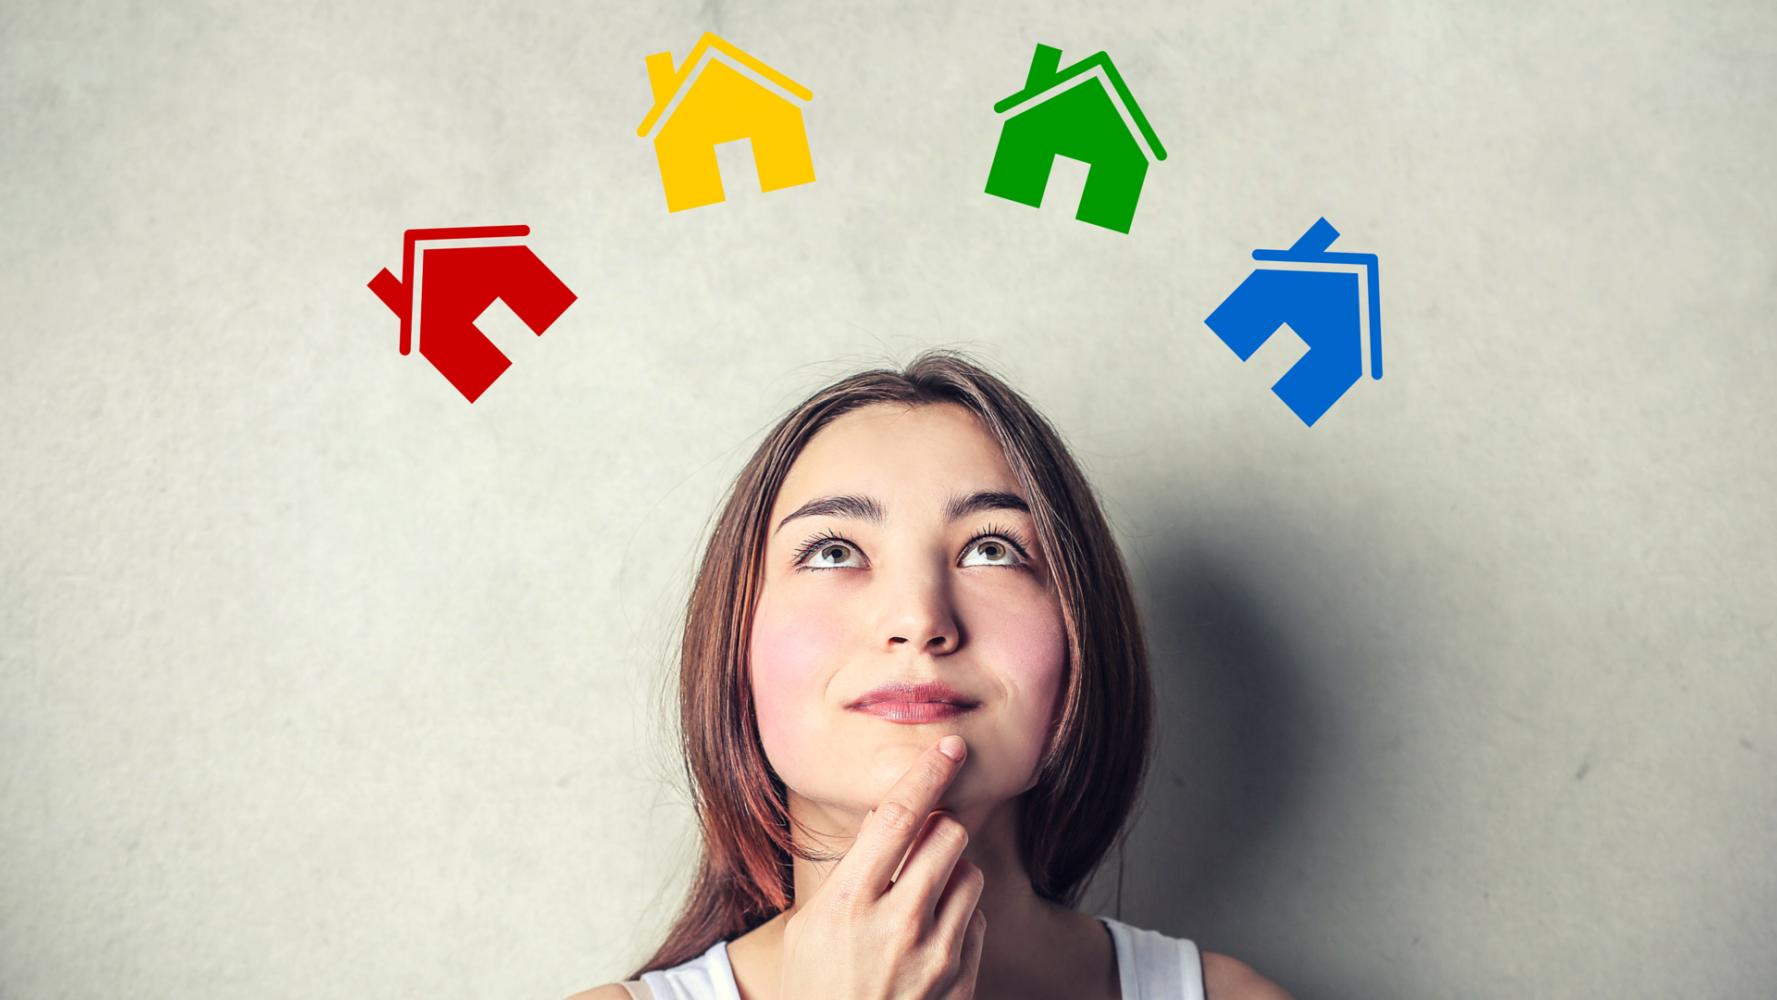 Cercare casa sul web: 4 suggerimenti utili